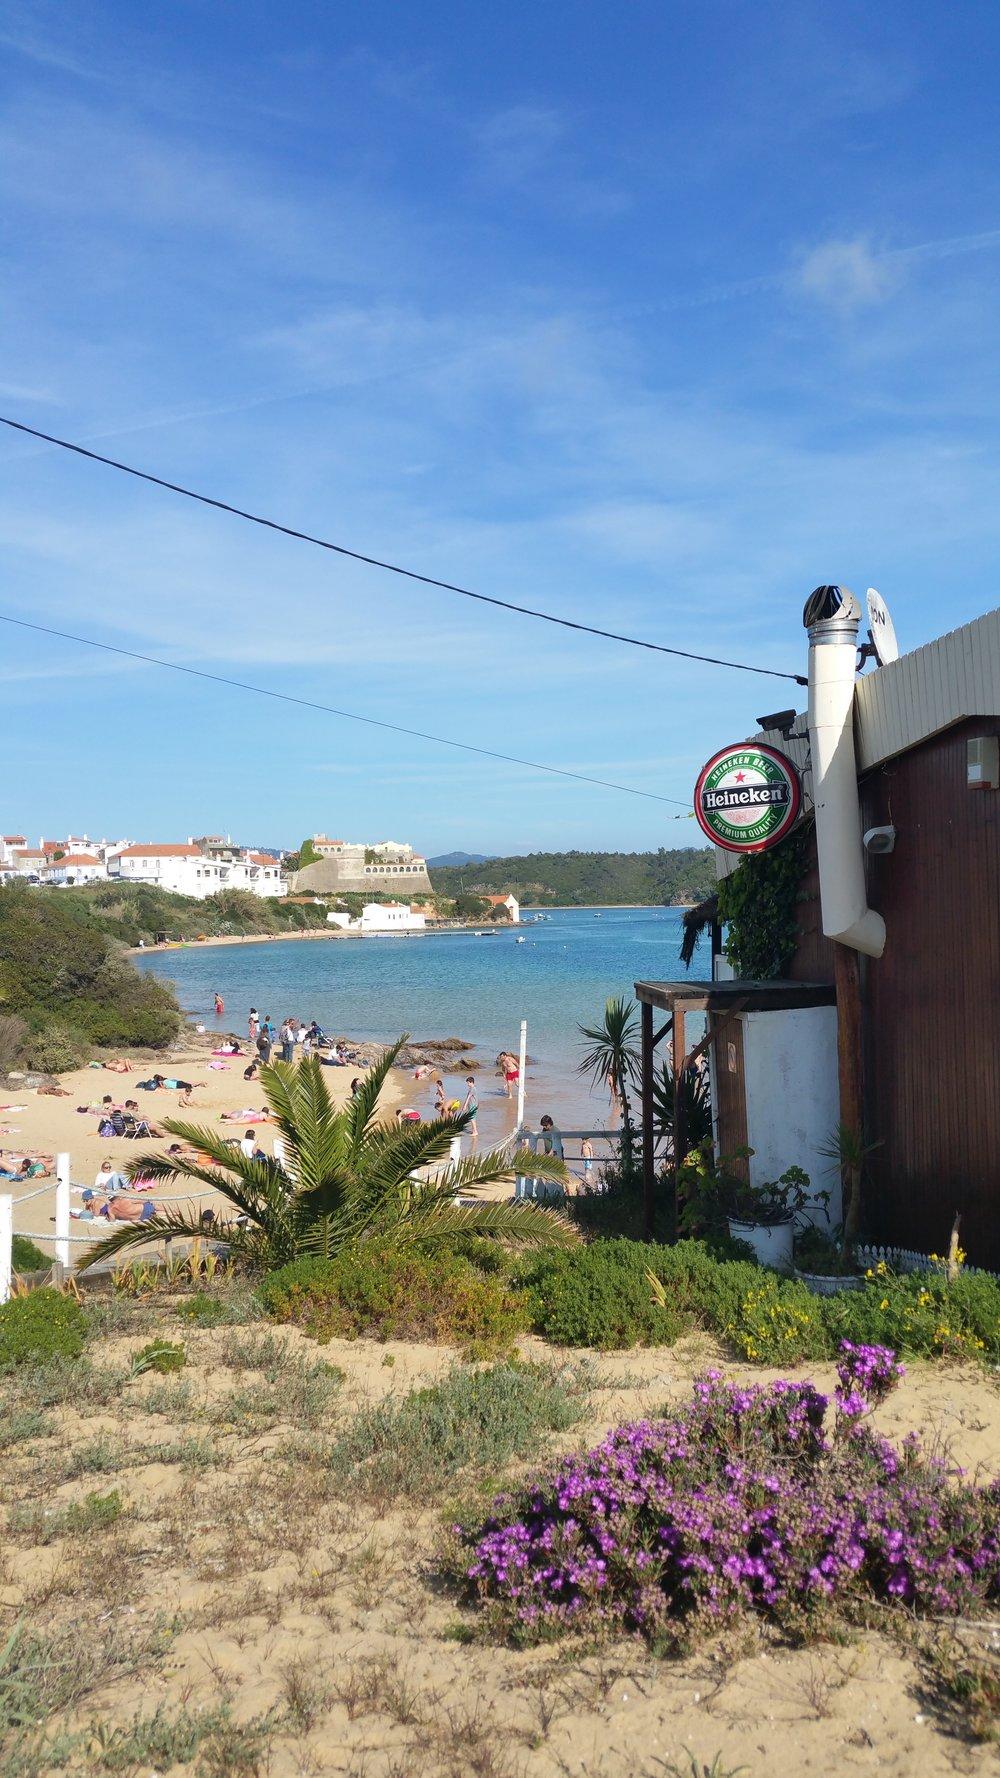 Beaches-milfontes-portugal.jpg